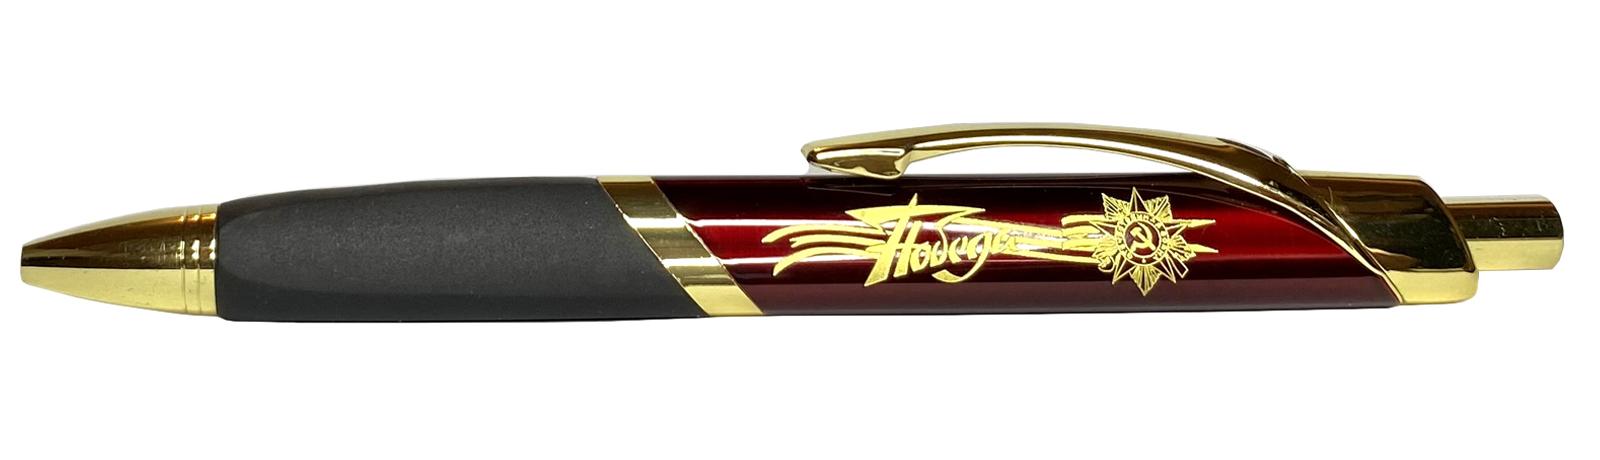 """Подарочная ручка """"Победа"""""""